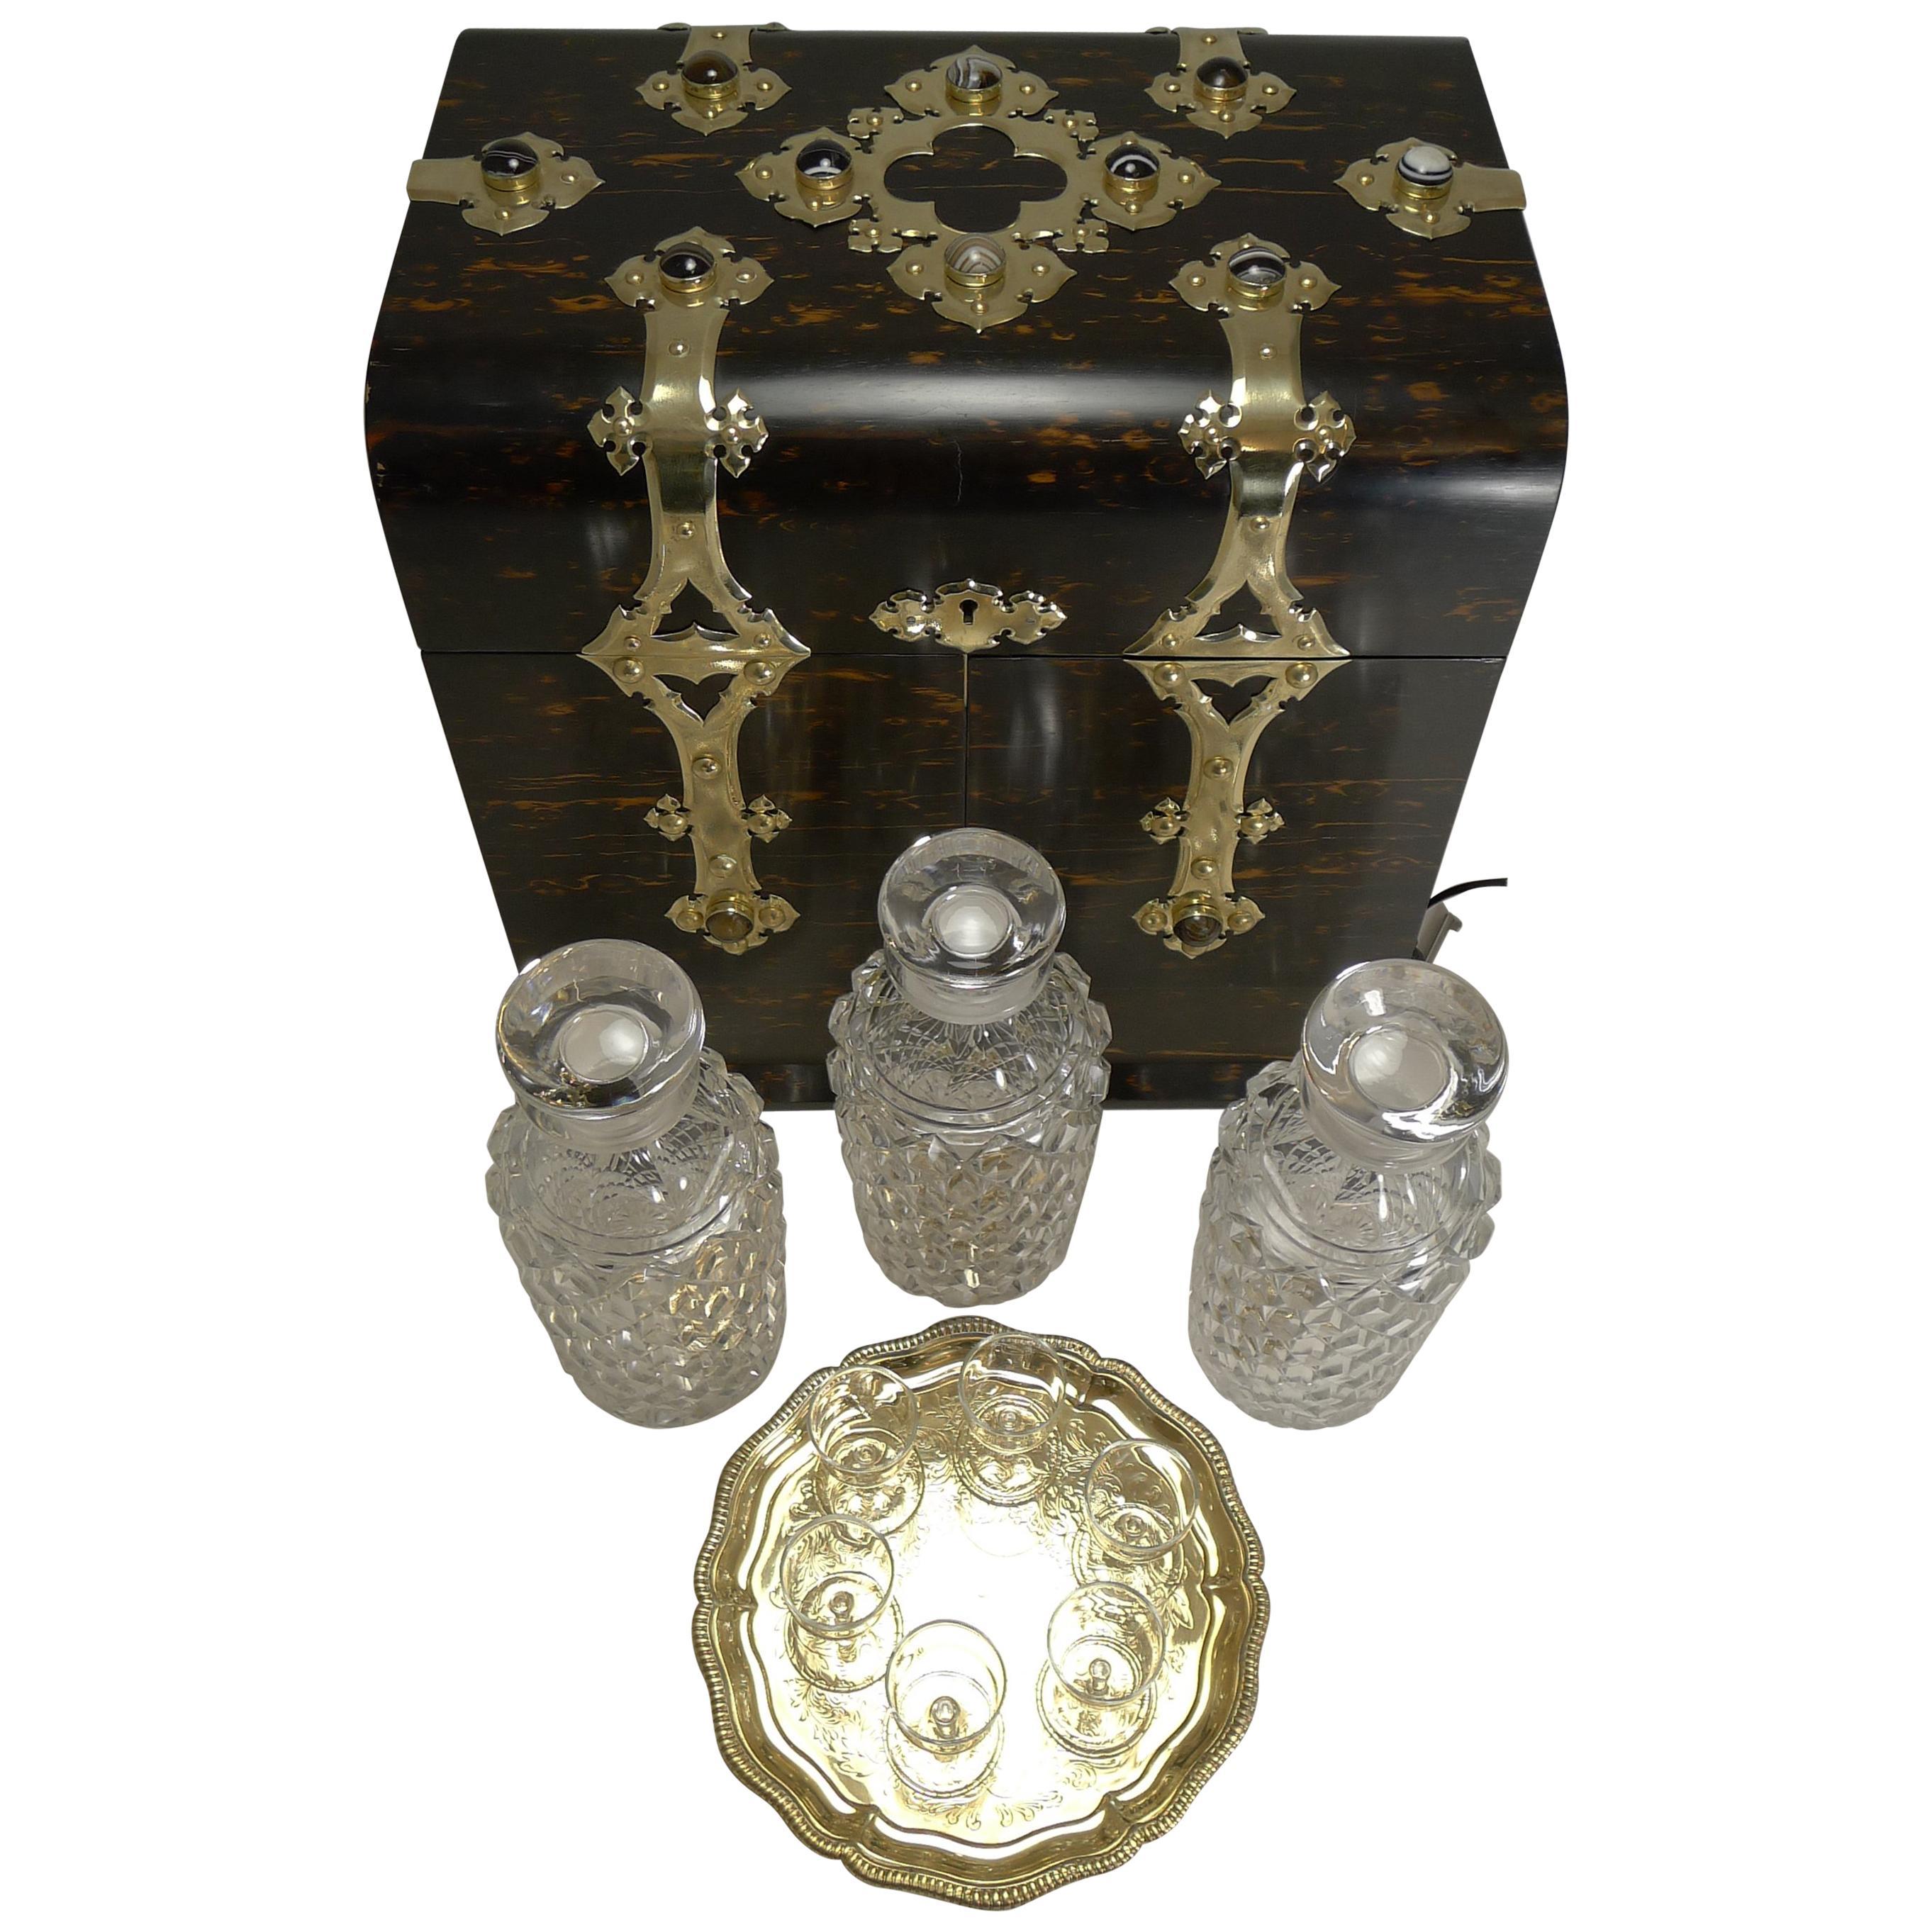 Fine Antique English Coromandel Decanter / Drinks Box, circa 1880